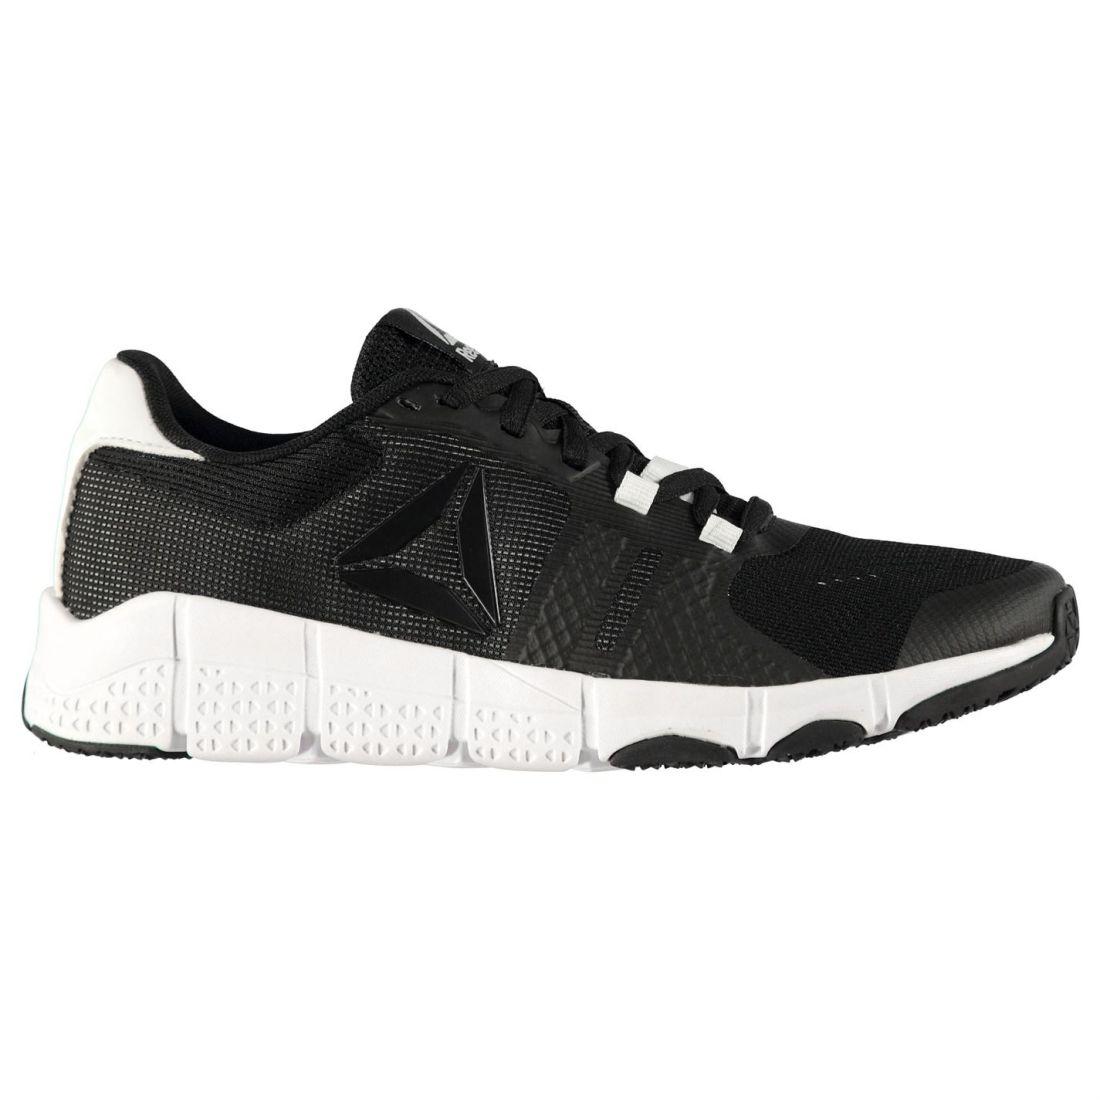 Zapatillas 2 0 de deporte Trainflex blancas Reebok para mujer negras rxfvrI